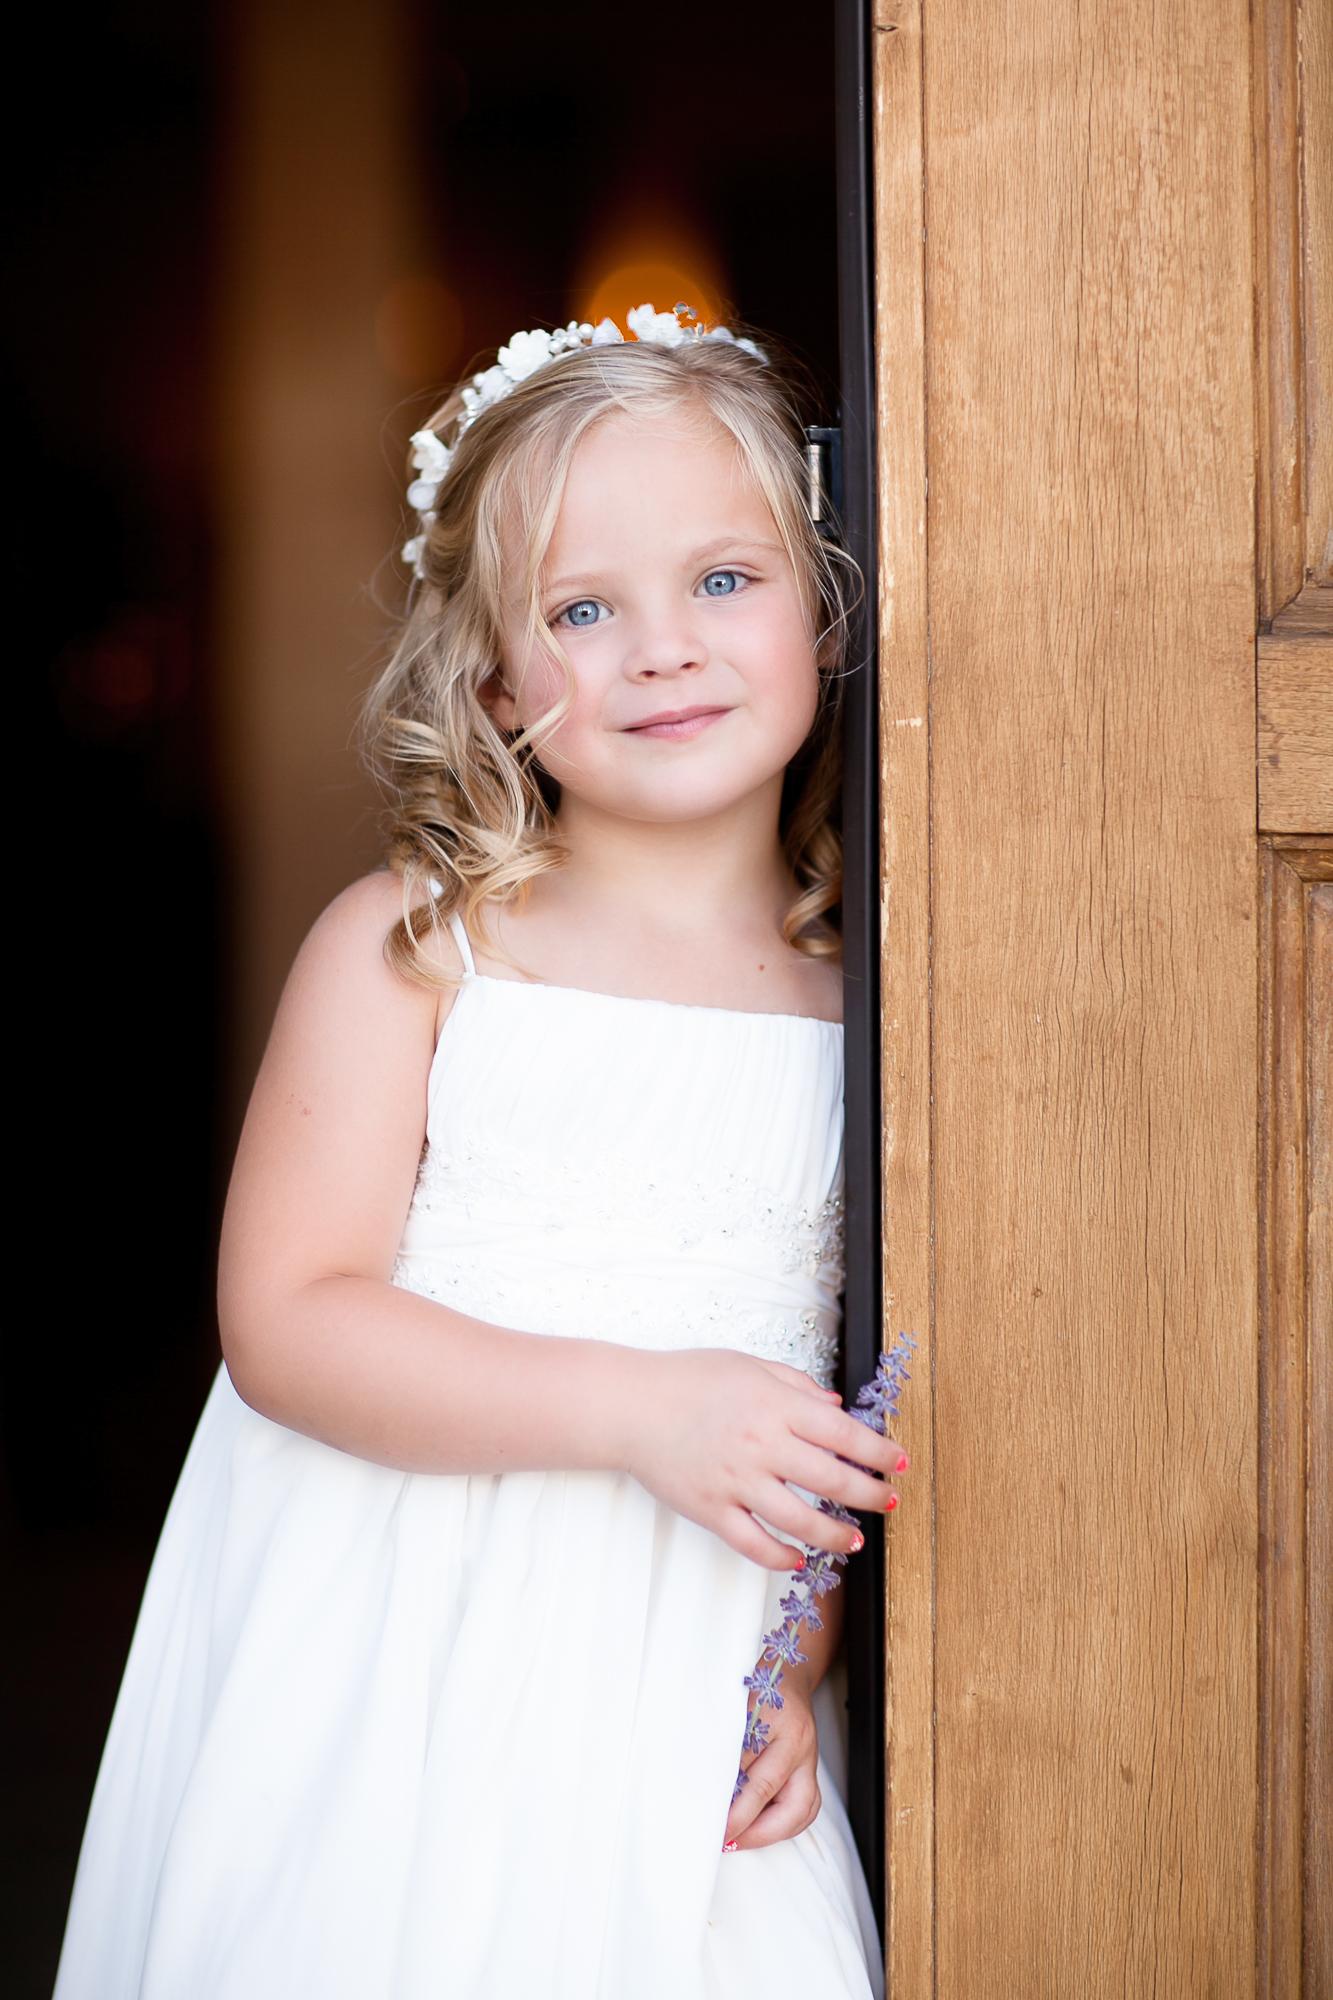 Cat Mayer Studio |  http://www.catmayerstudio.com  | Grand Junction Photographer | Little girl in white dress